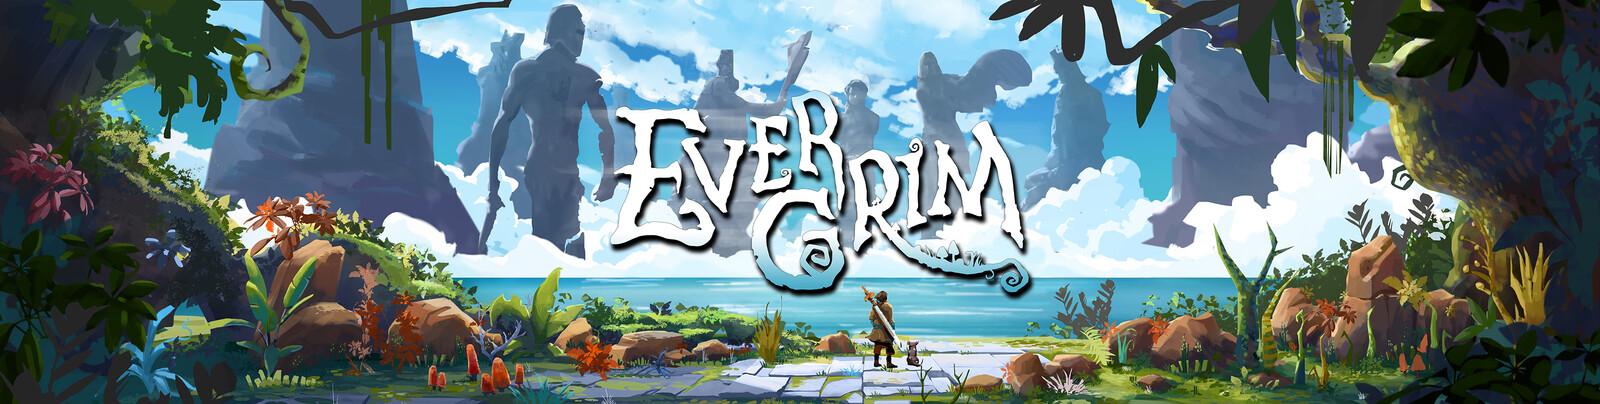 Evergrim